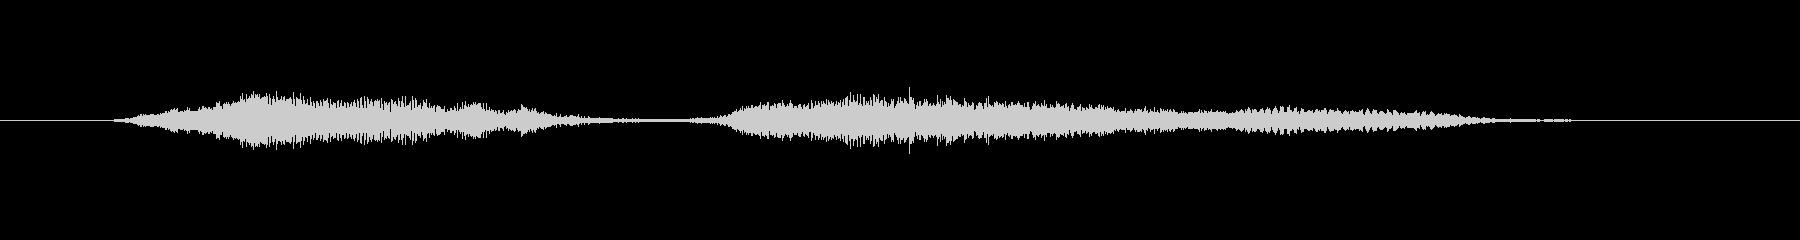 メタル リッドスクリーチハイ02の未再生の波形